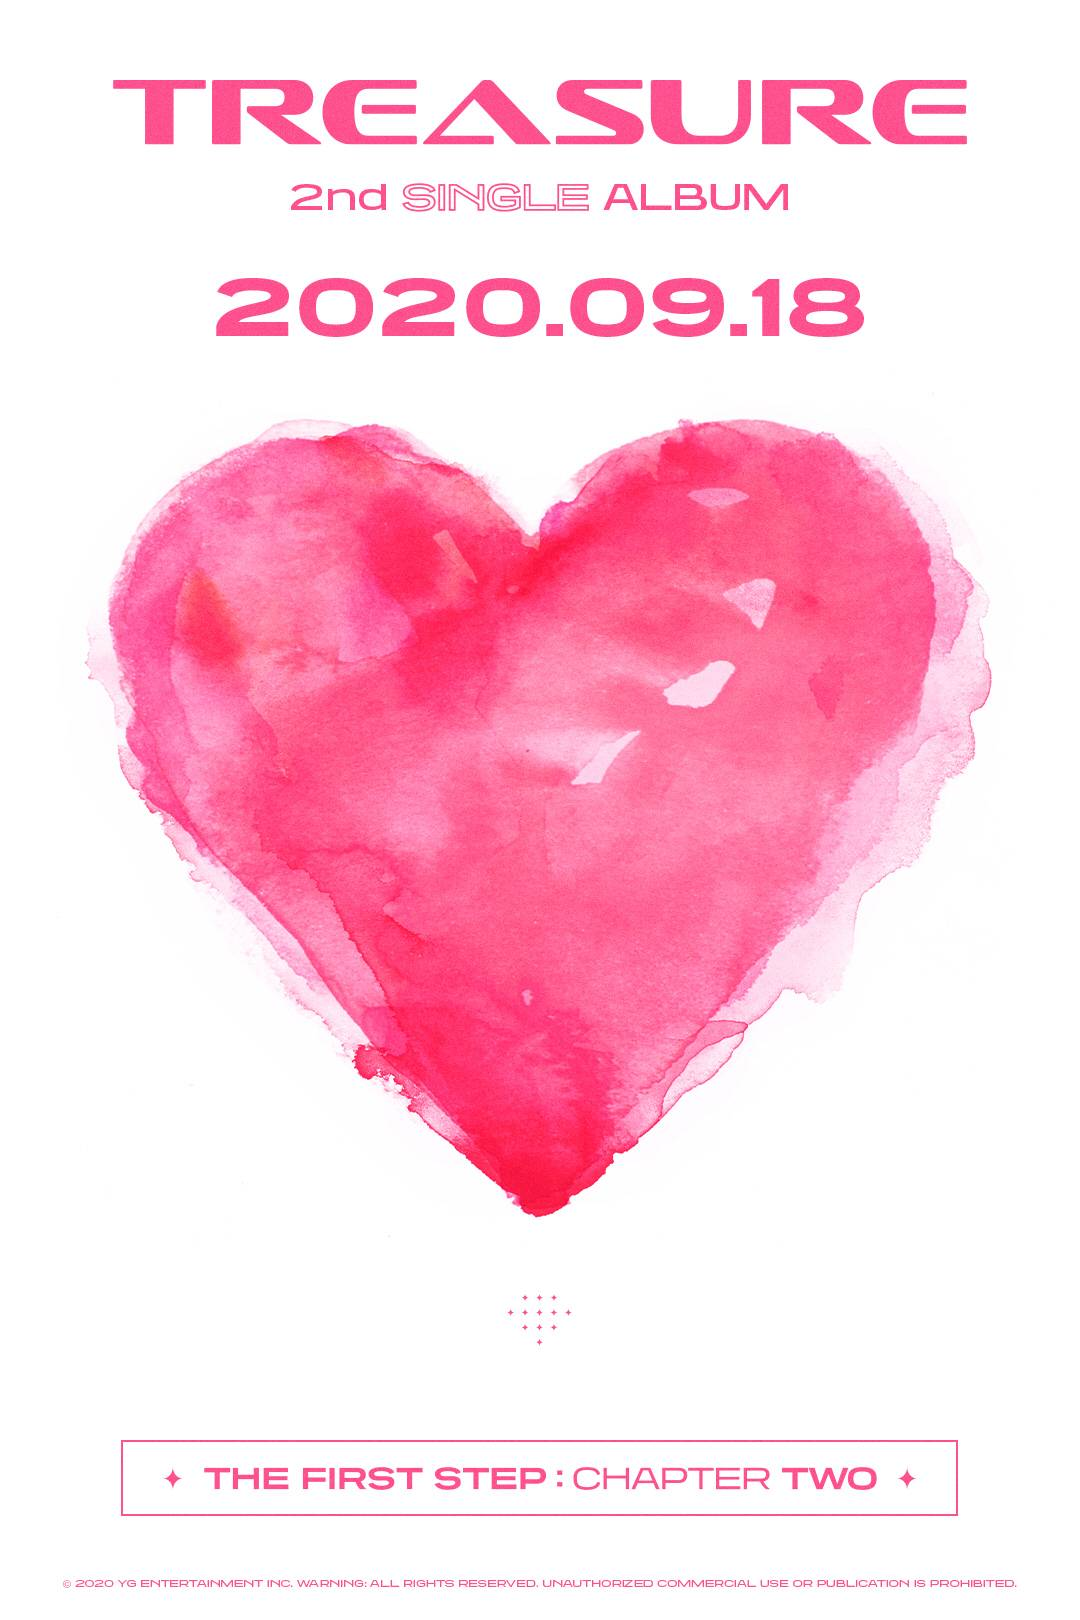 18일(금), 트레저(TREASURE) 싱글 앨범 2집 'THE FIRST STEP : CHAPTER TWO (타이틀 곡: 사랑해 (I LOVE YOU))' 발매 | 인스티즈